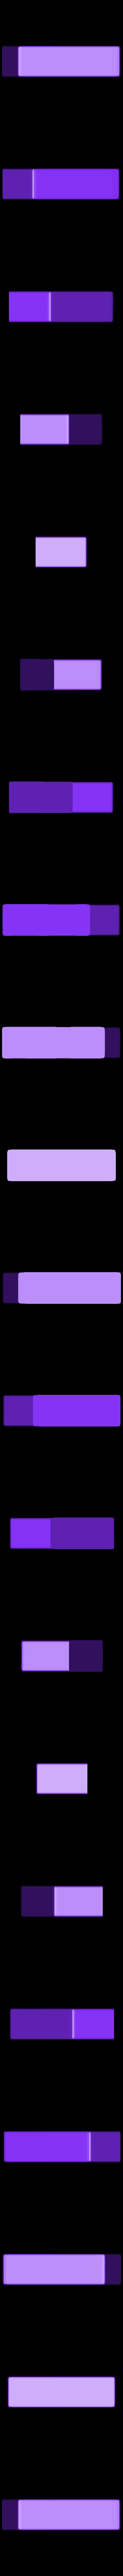 SelectButon (repaired).stl Download STL file Nintendo switch modèle • 3D print design, Shigeryu